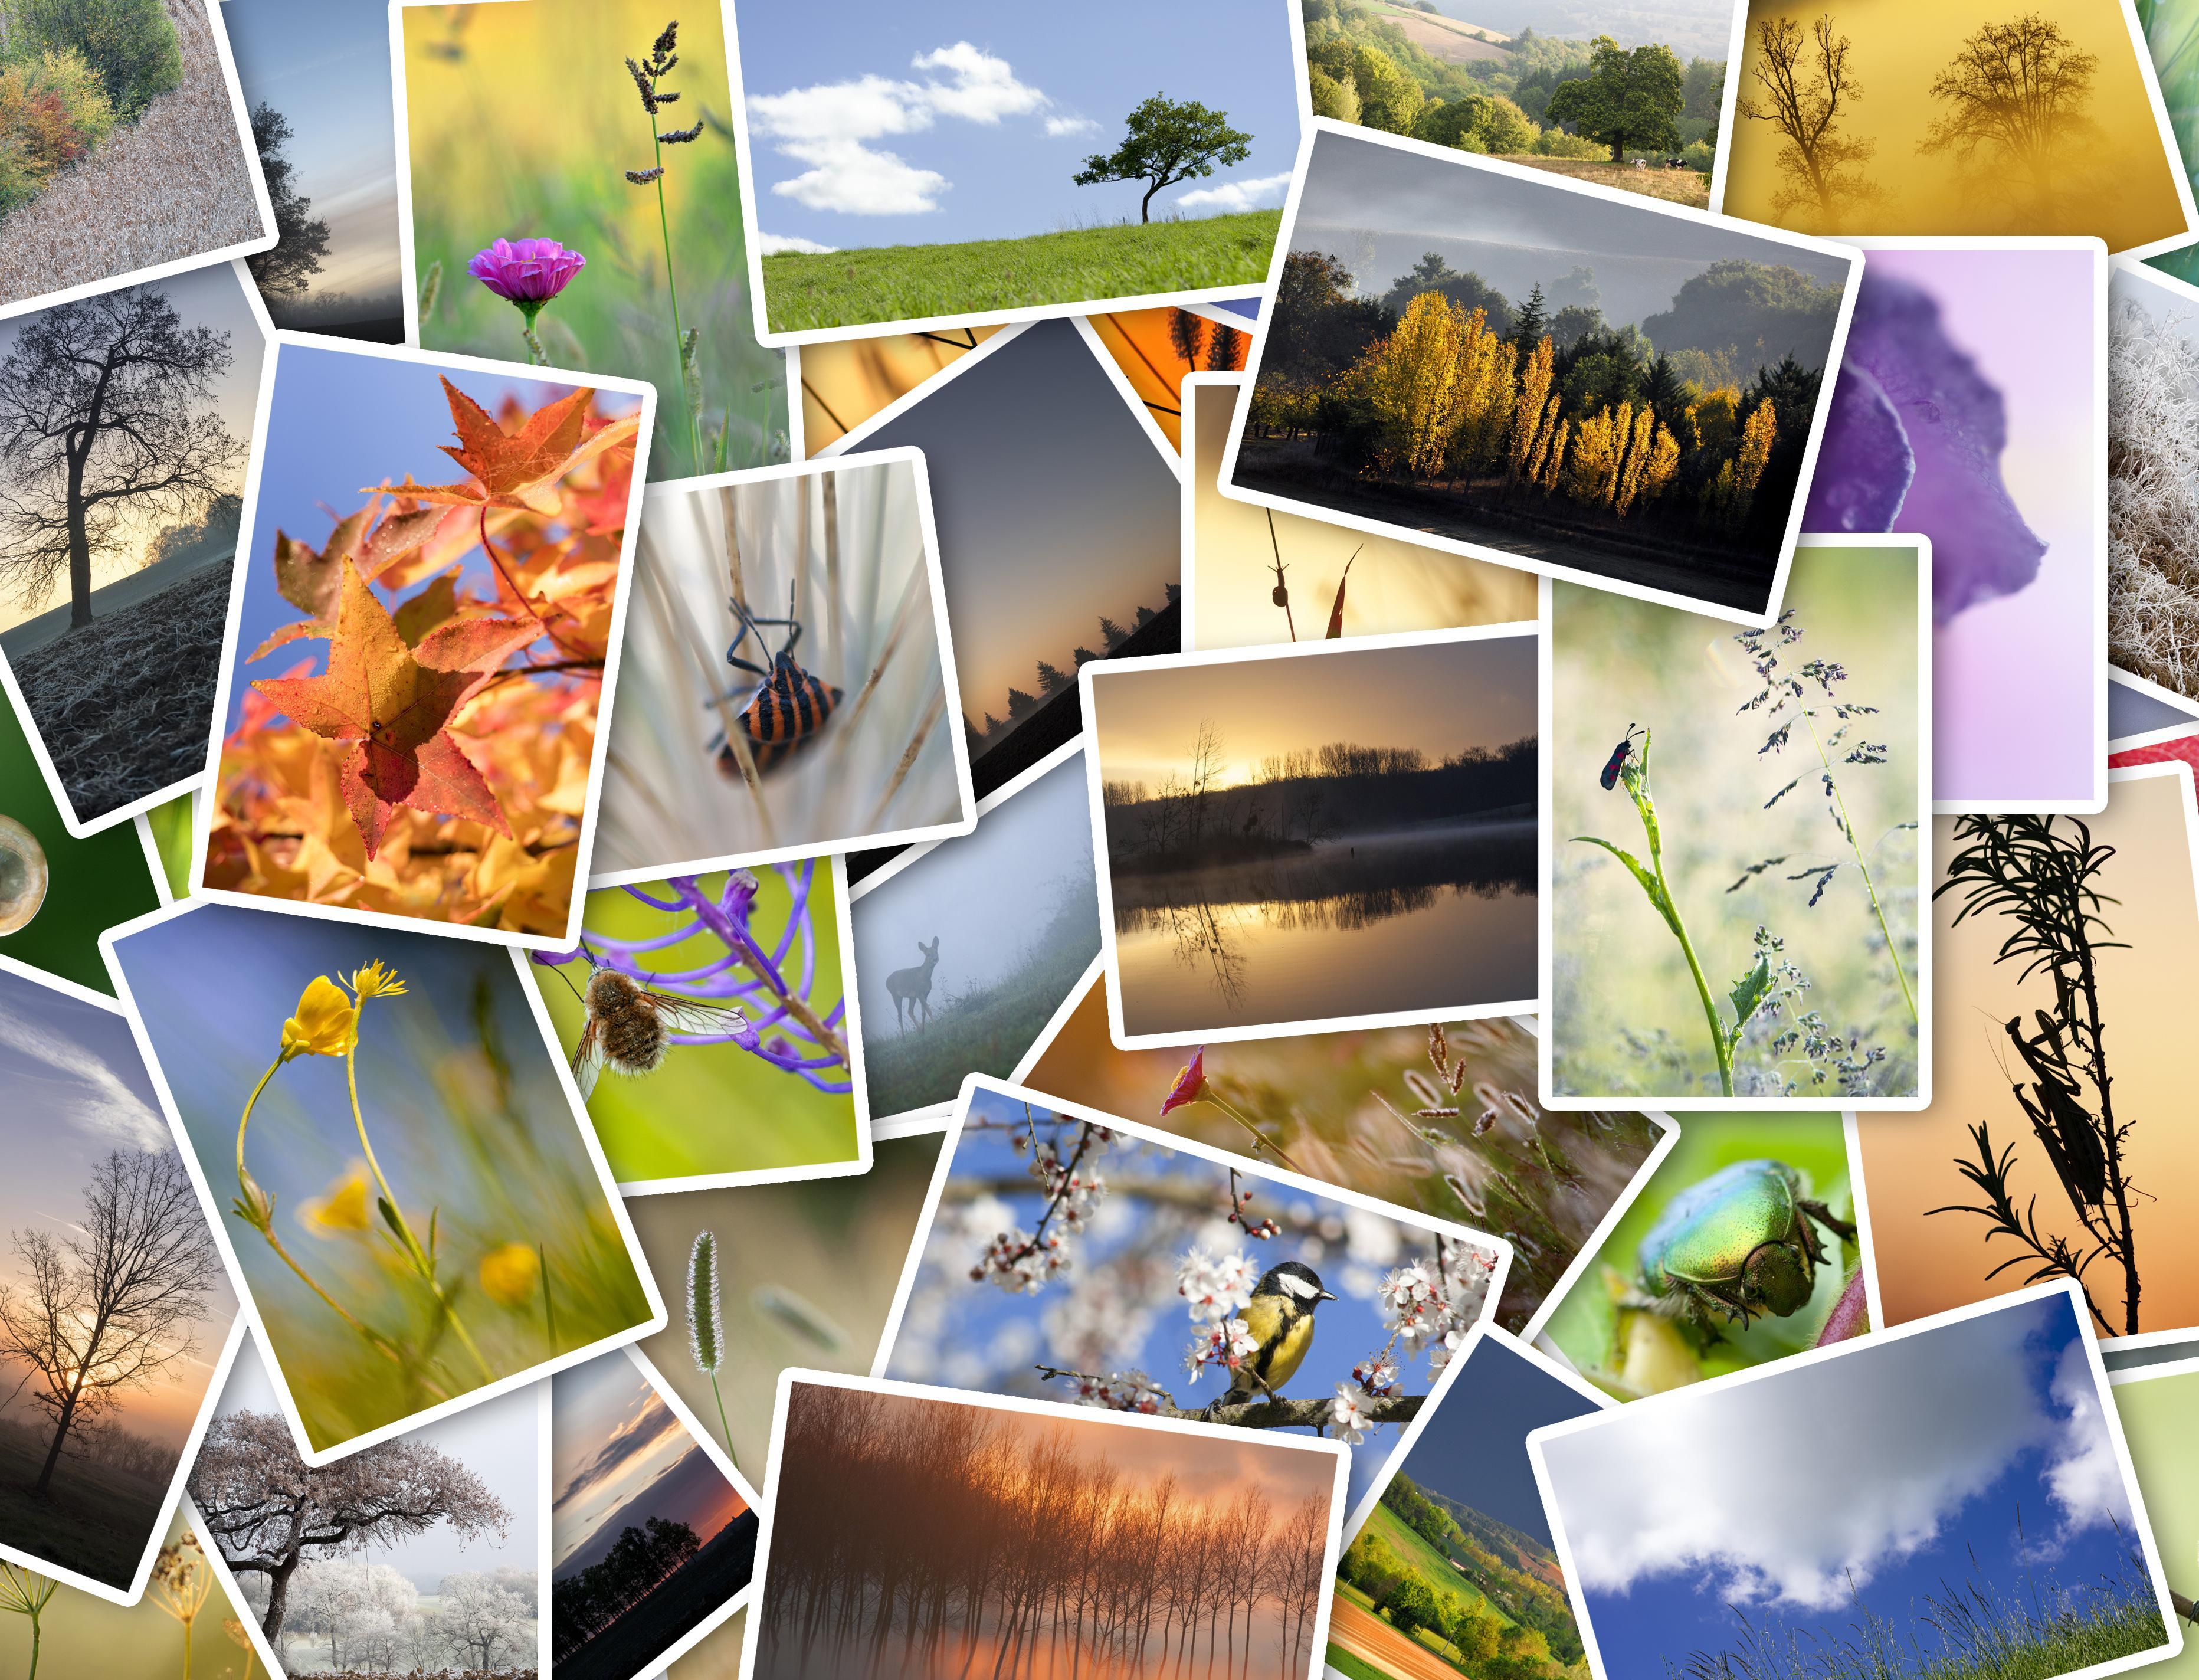 Инстаграм дня: как в разных странах отмечают Всемирный день окружающей среды